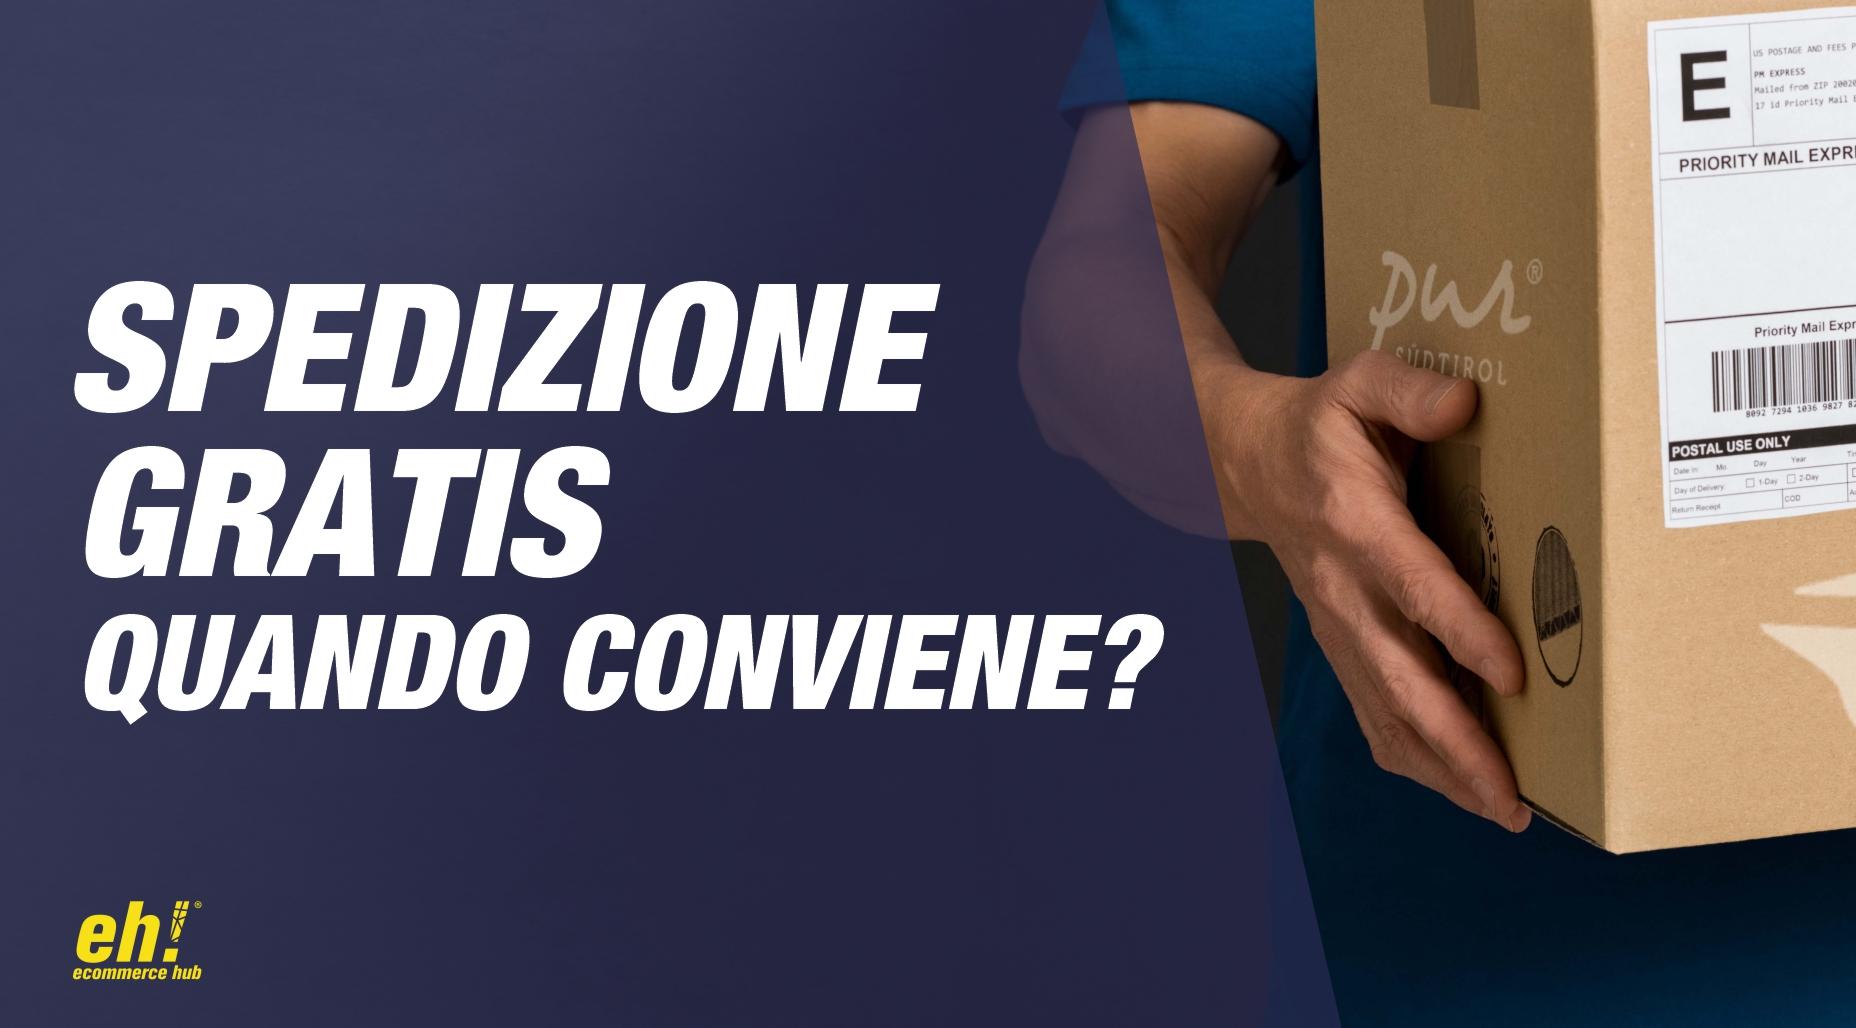 ecommerce_spedizioni_gratis_quando_conviene_applicarla